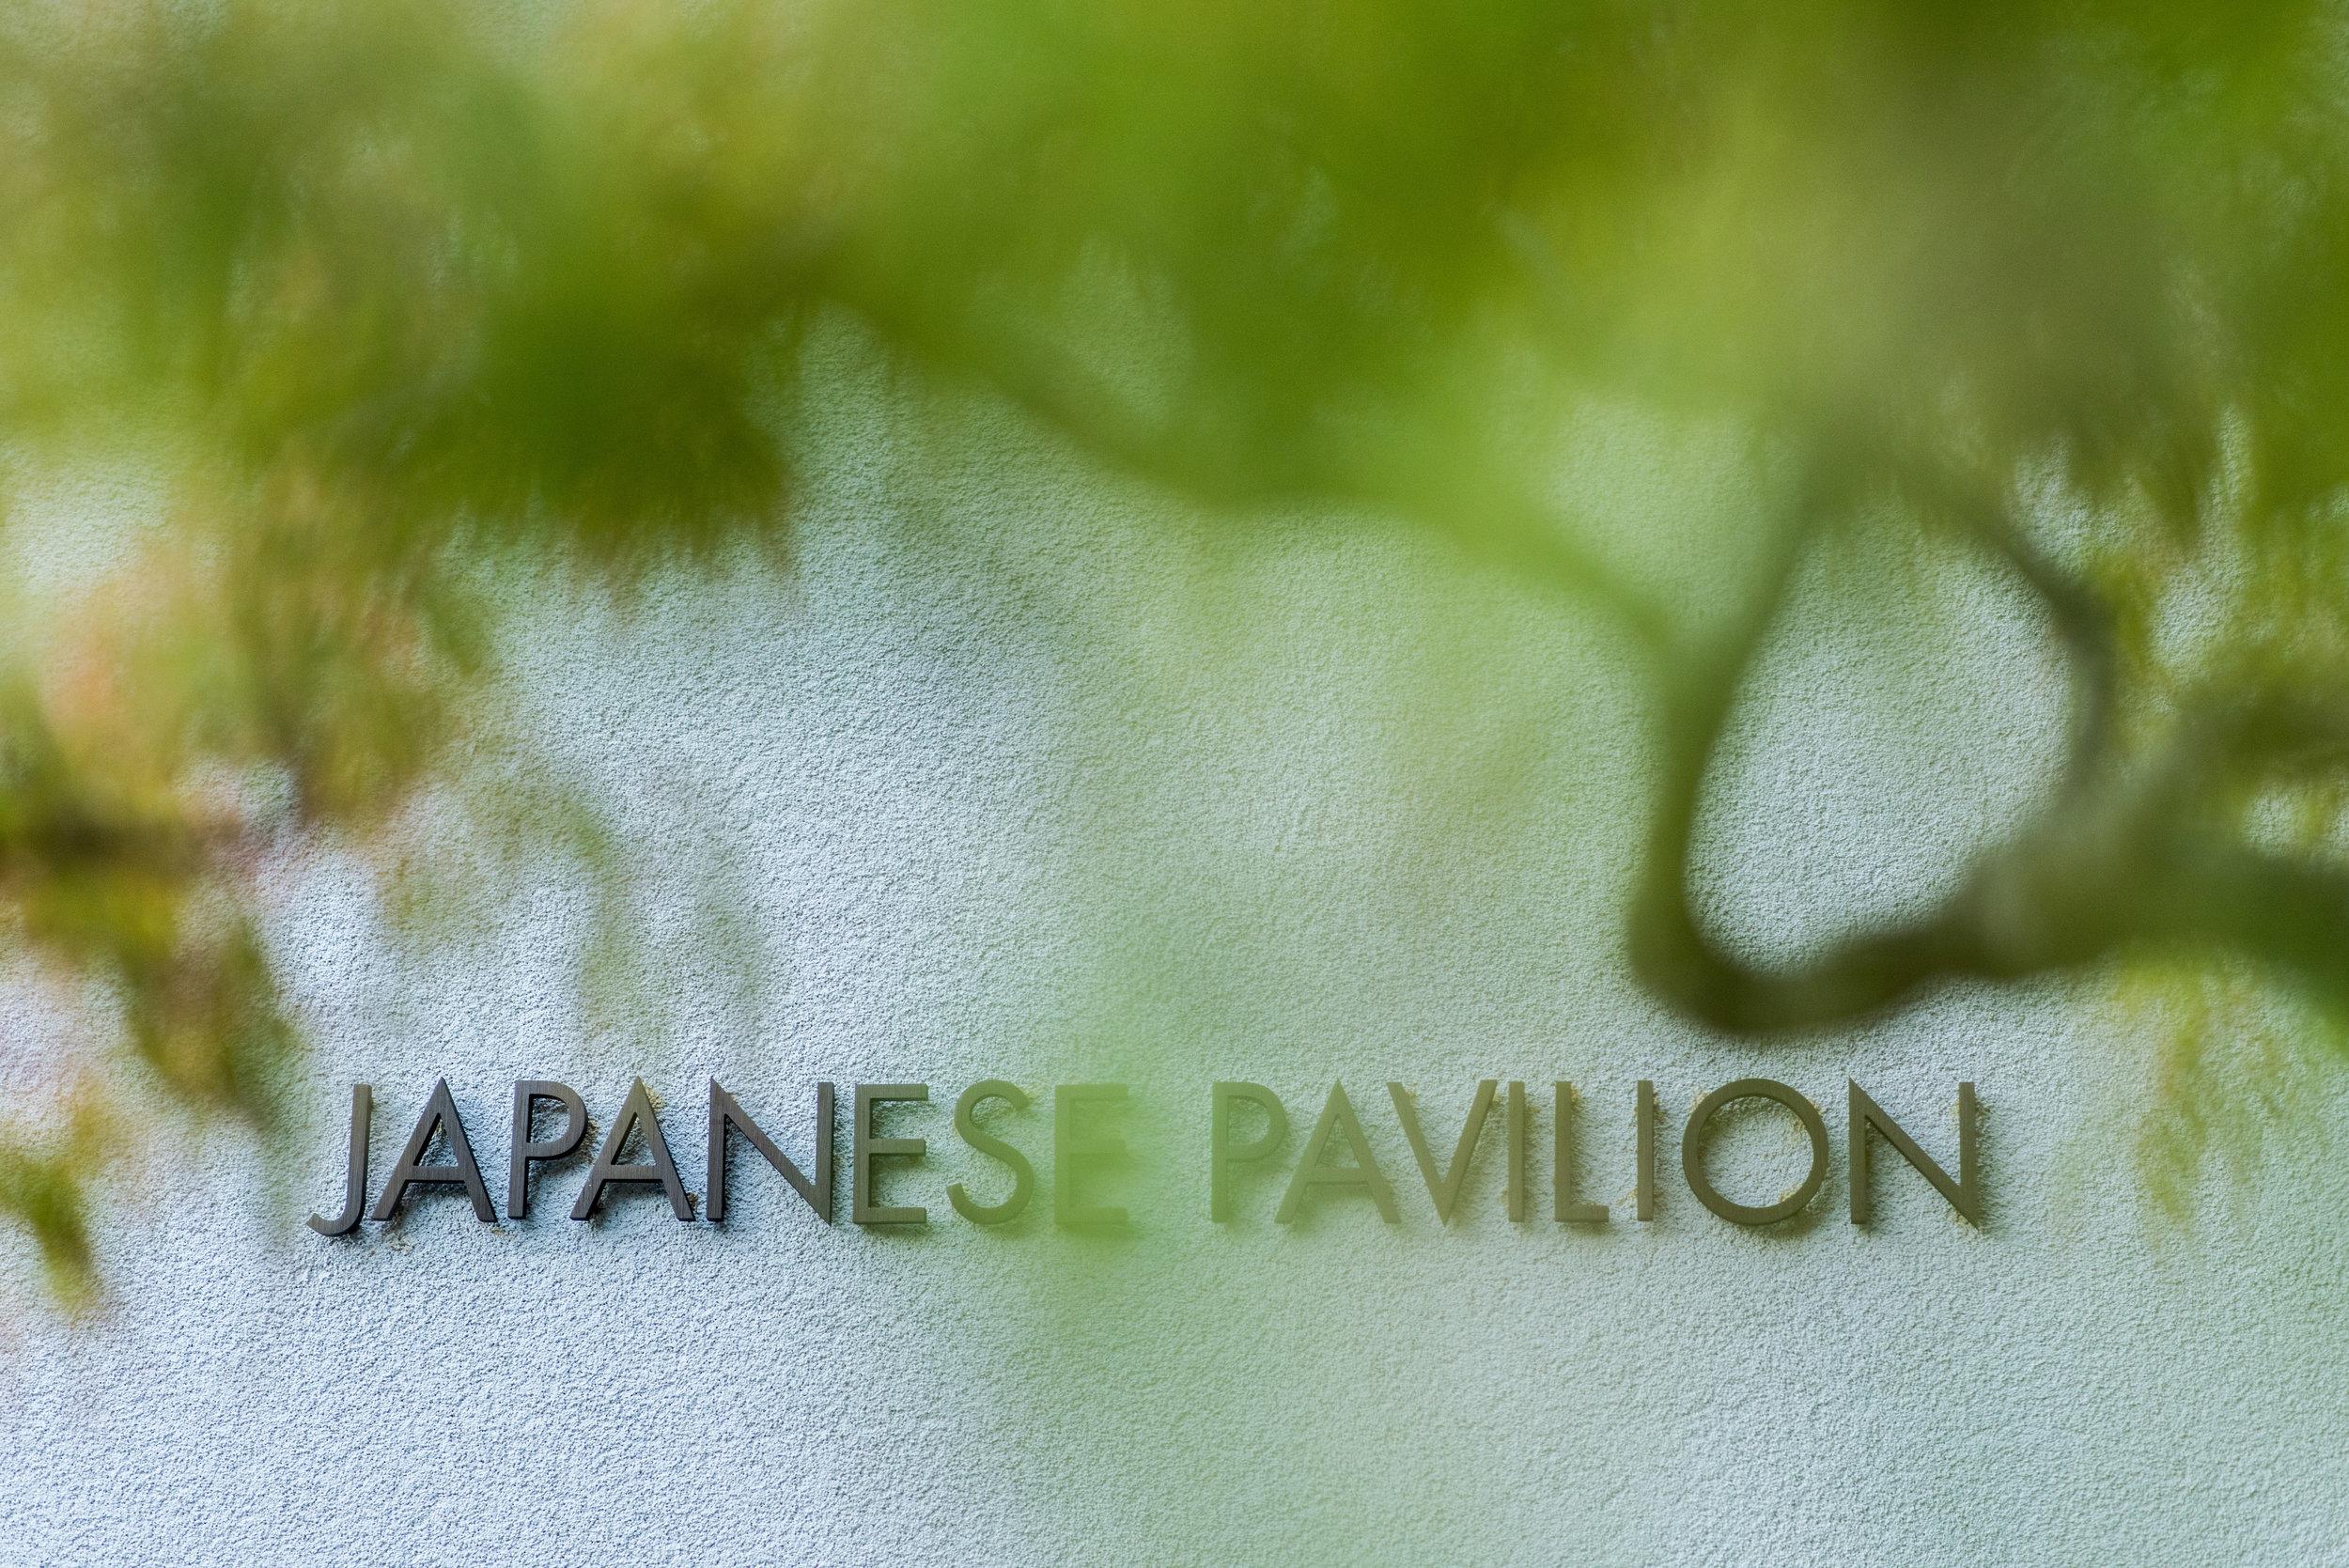 Voss-JapanesePavilion106.jpg